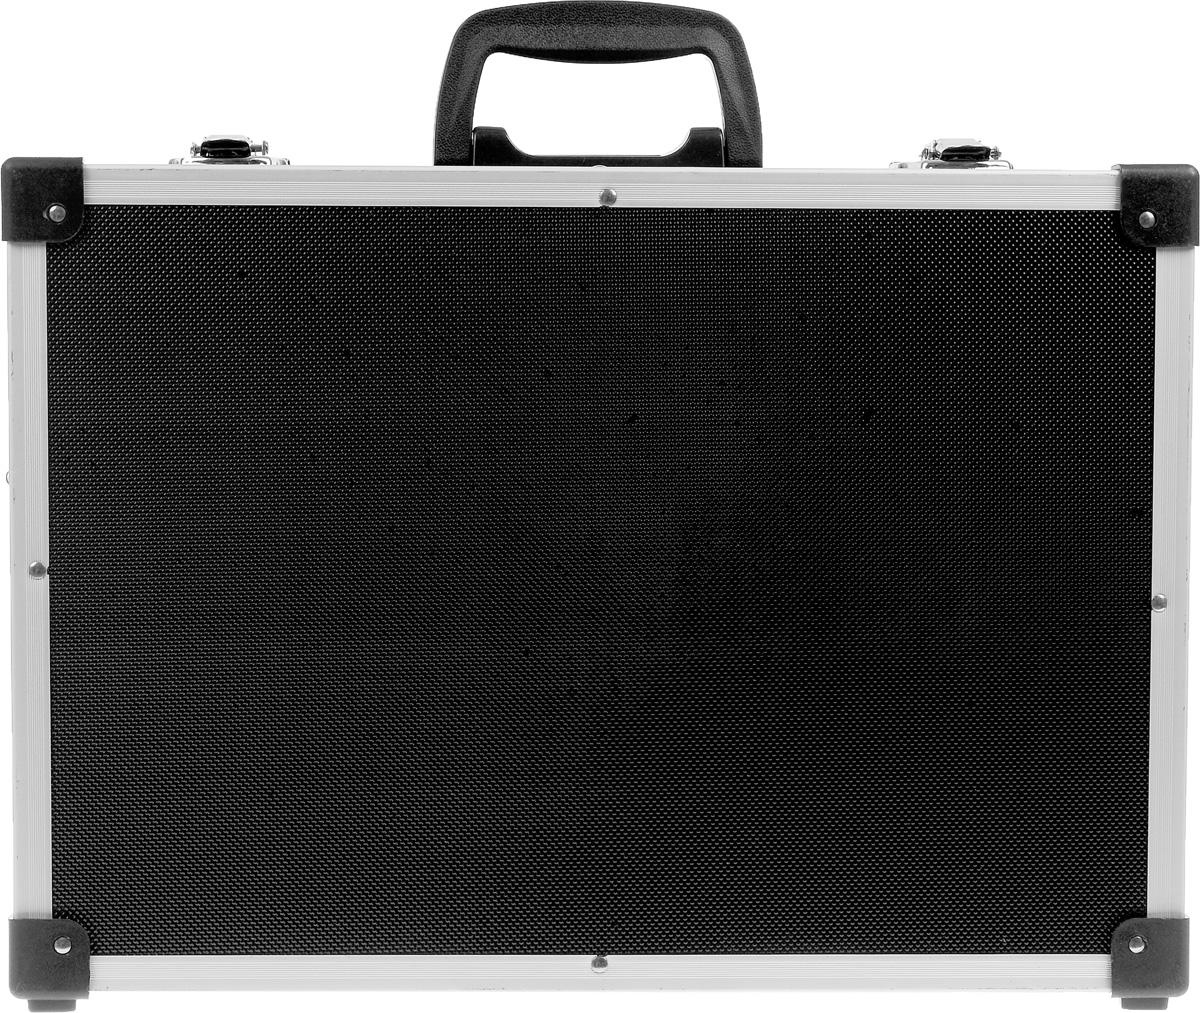 Ящик для инструментов алюминиевый FIT, цвет: черный, 43 х 31 х 13 см цена и фото